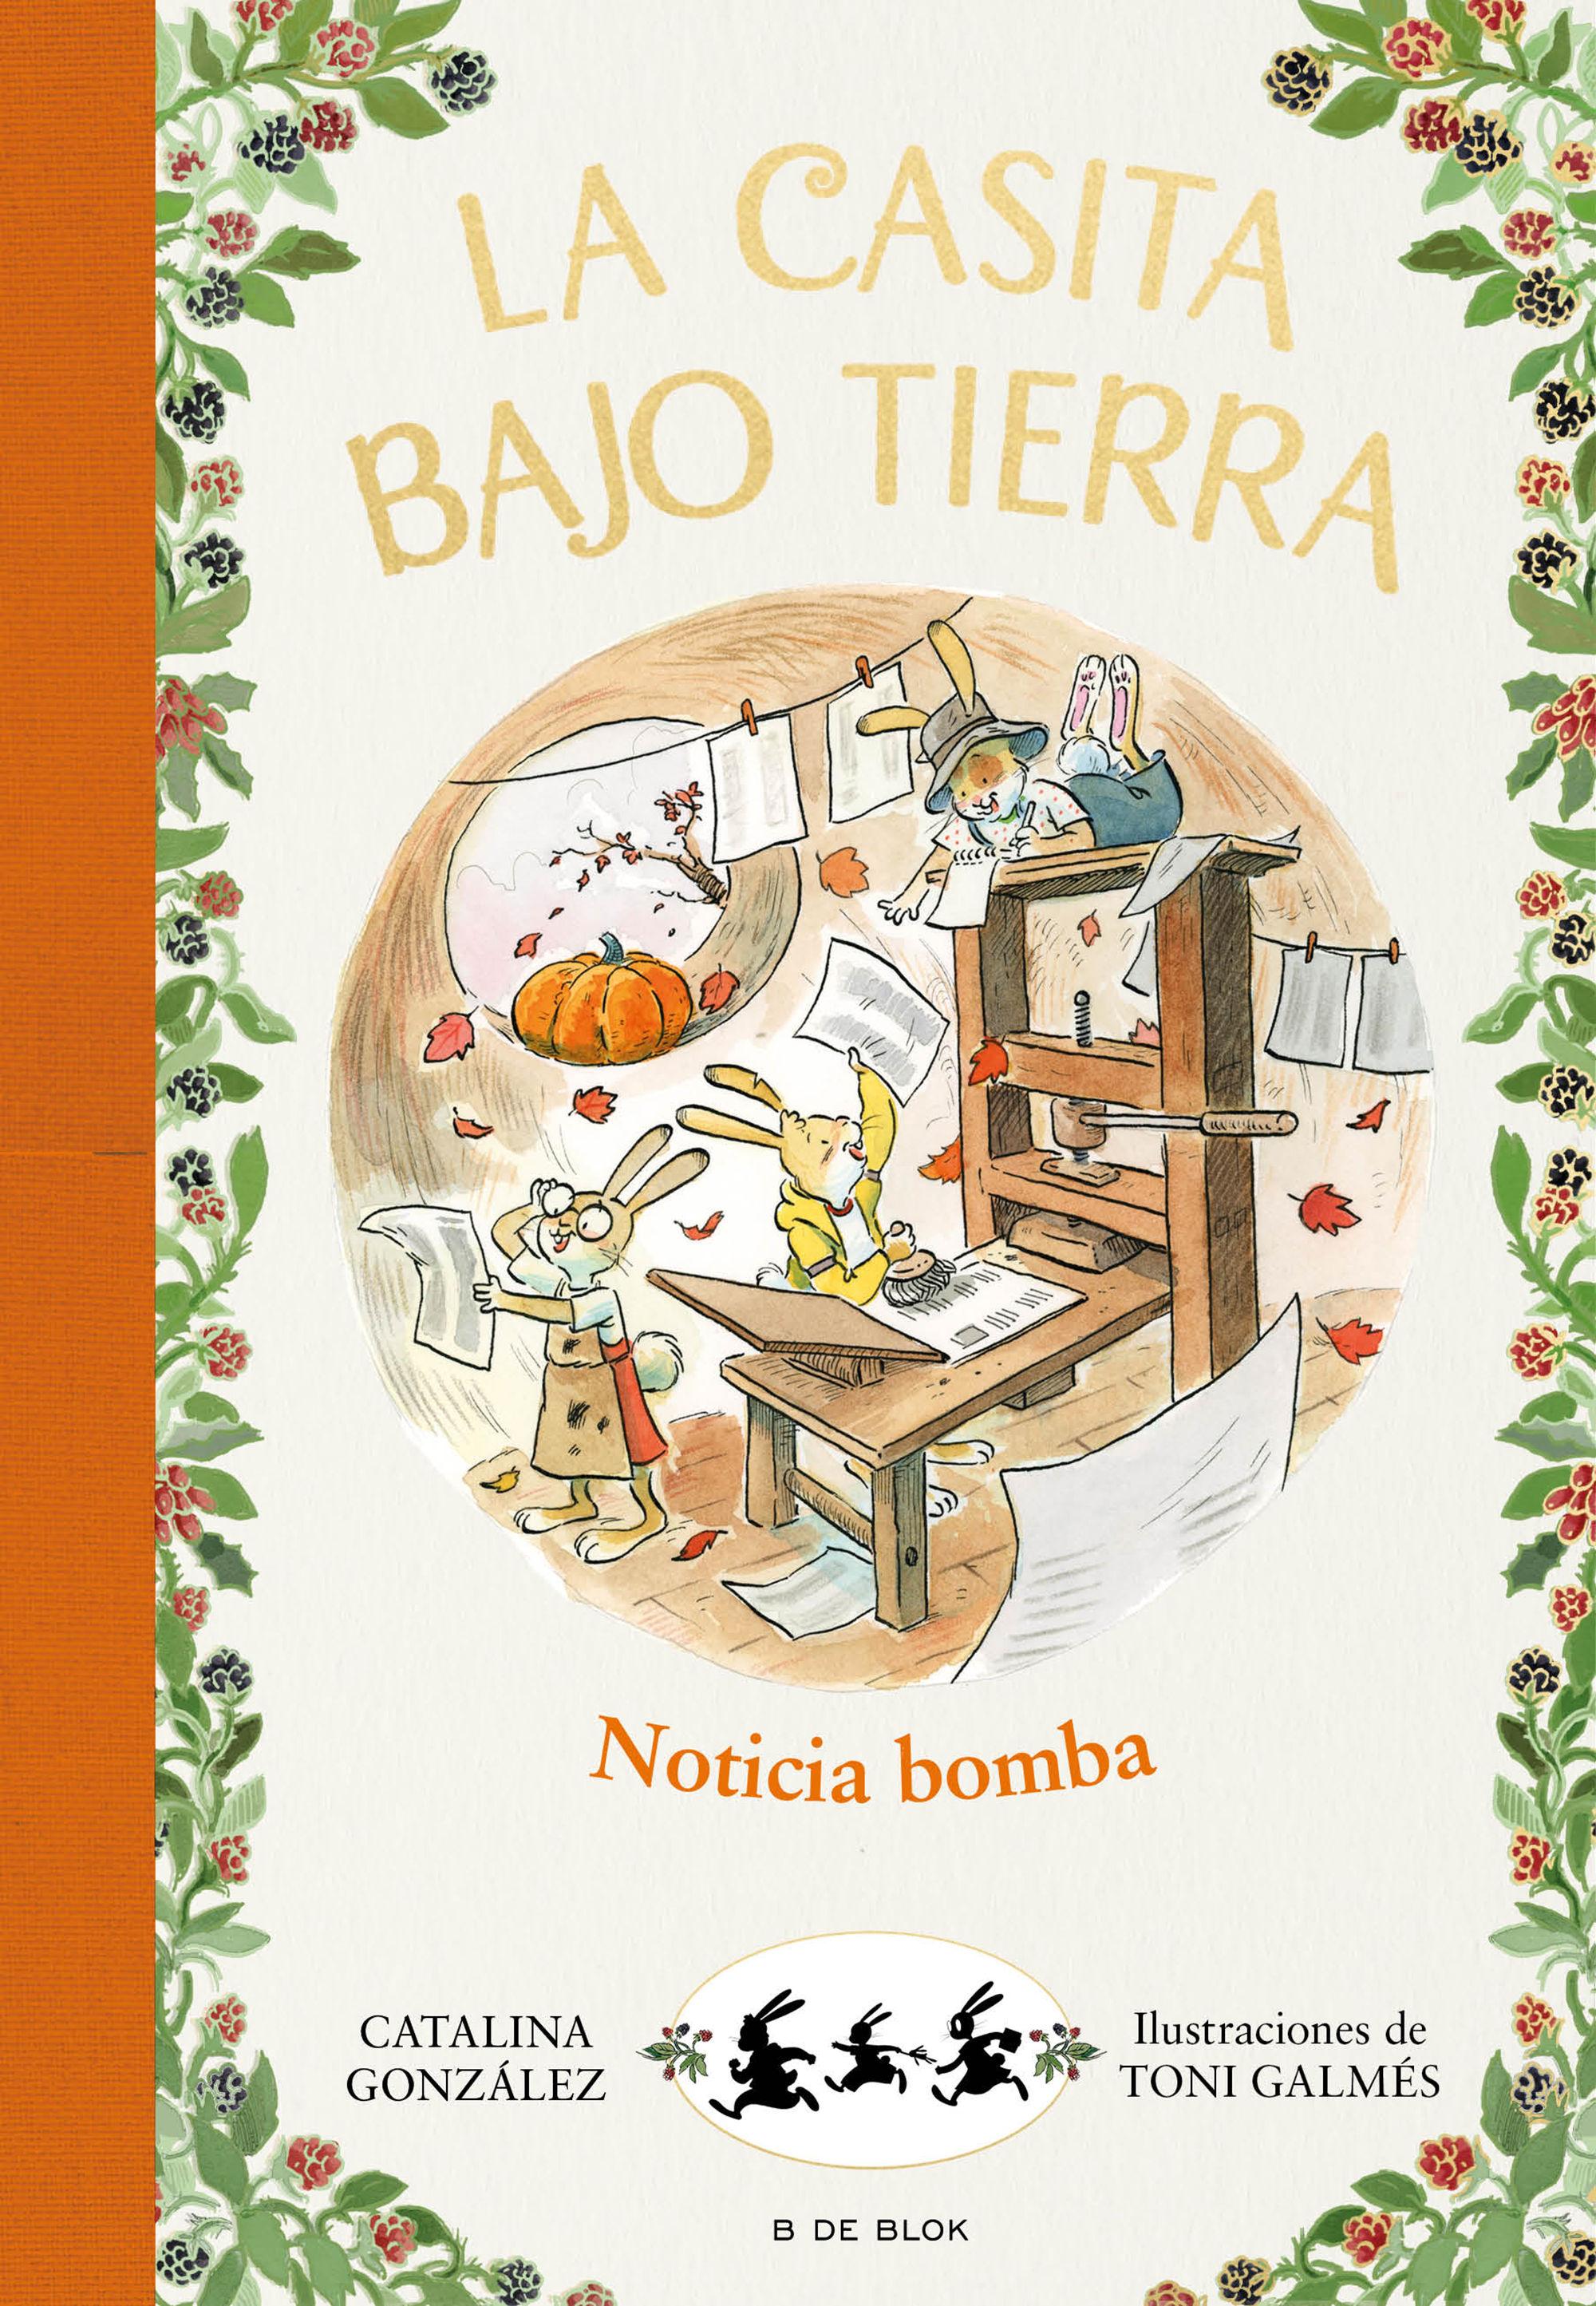 CASITA BAJO TIERRA 5 NOTICIA BOMBA!